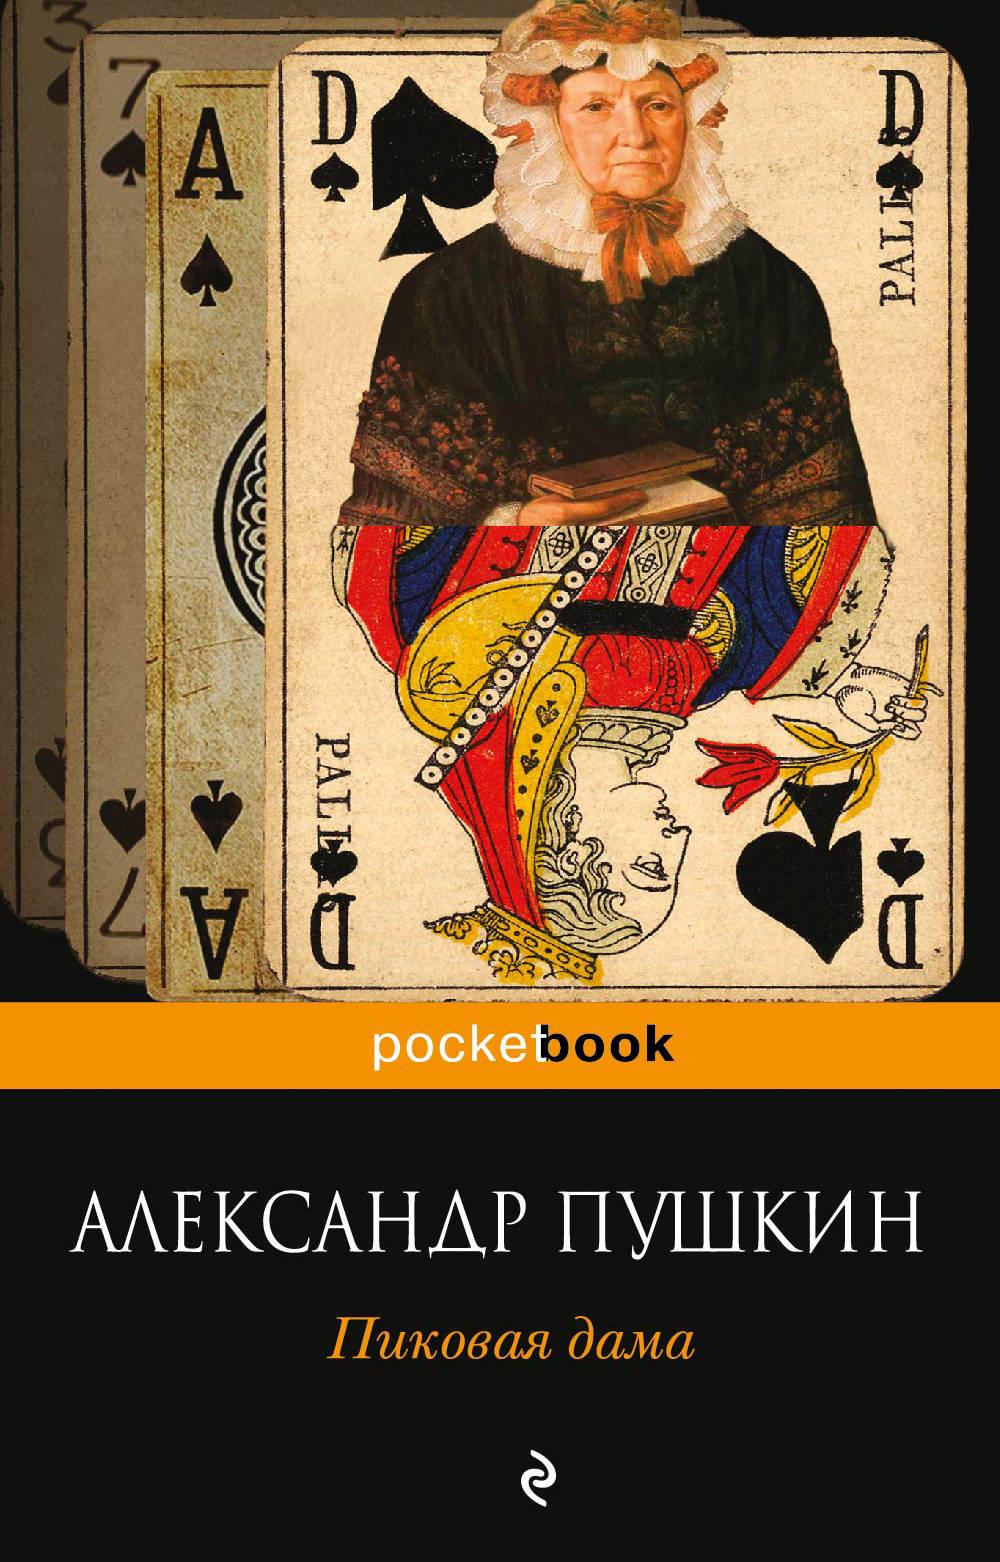 Александр Пушкин Пиковая дама